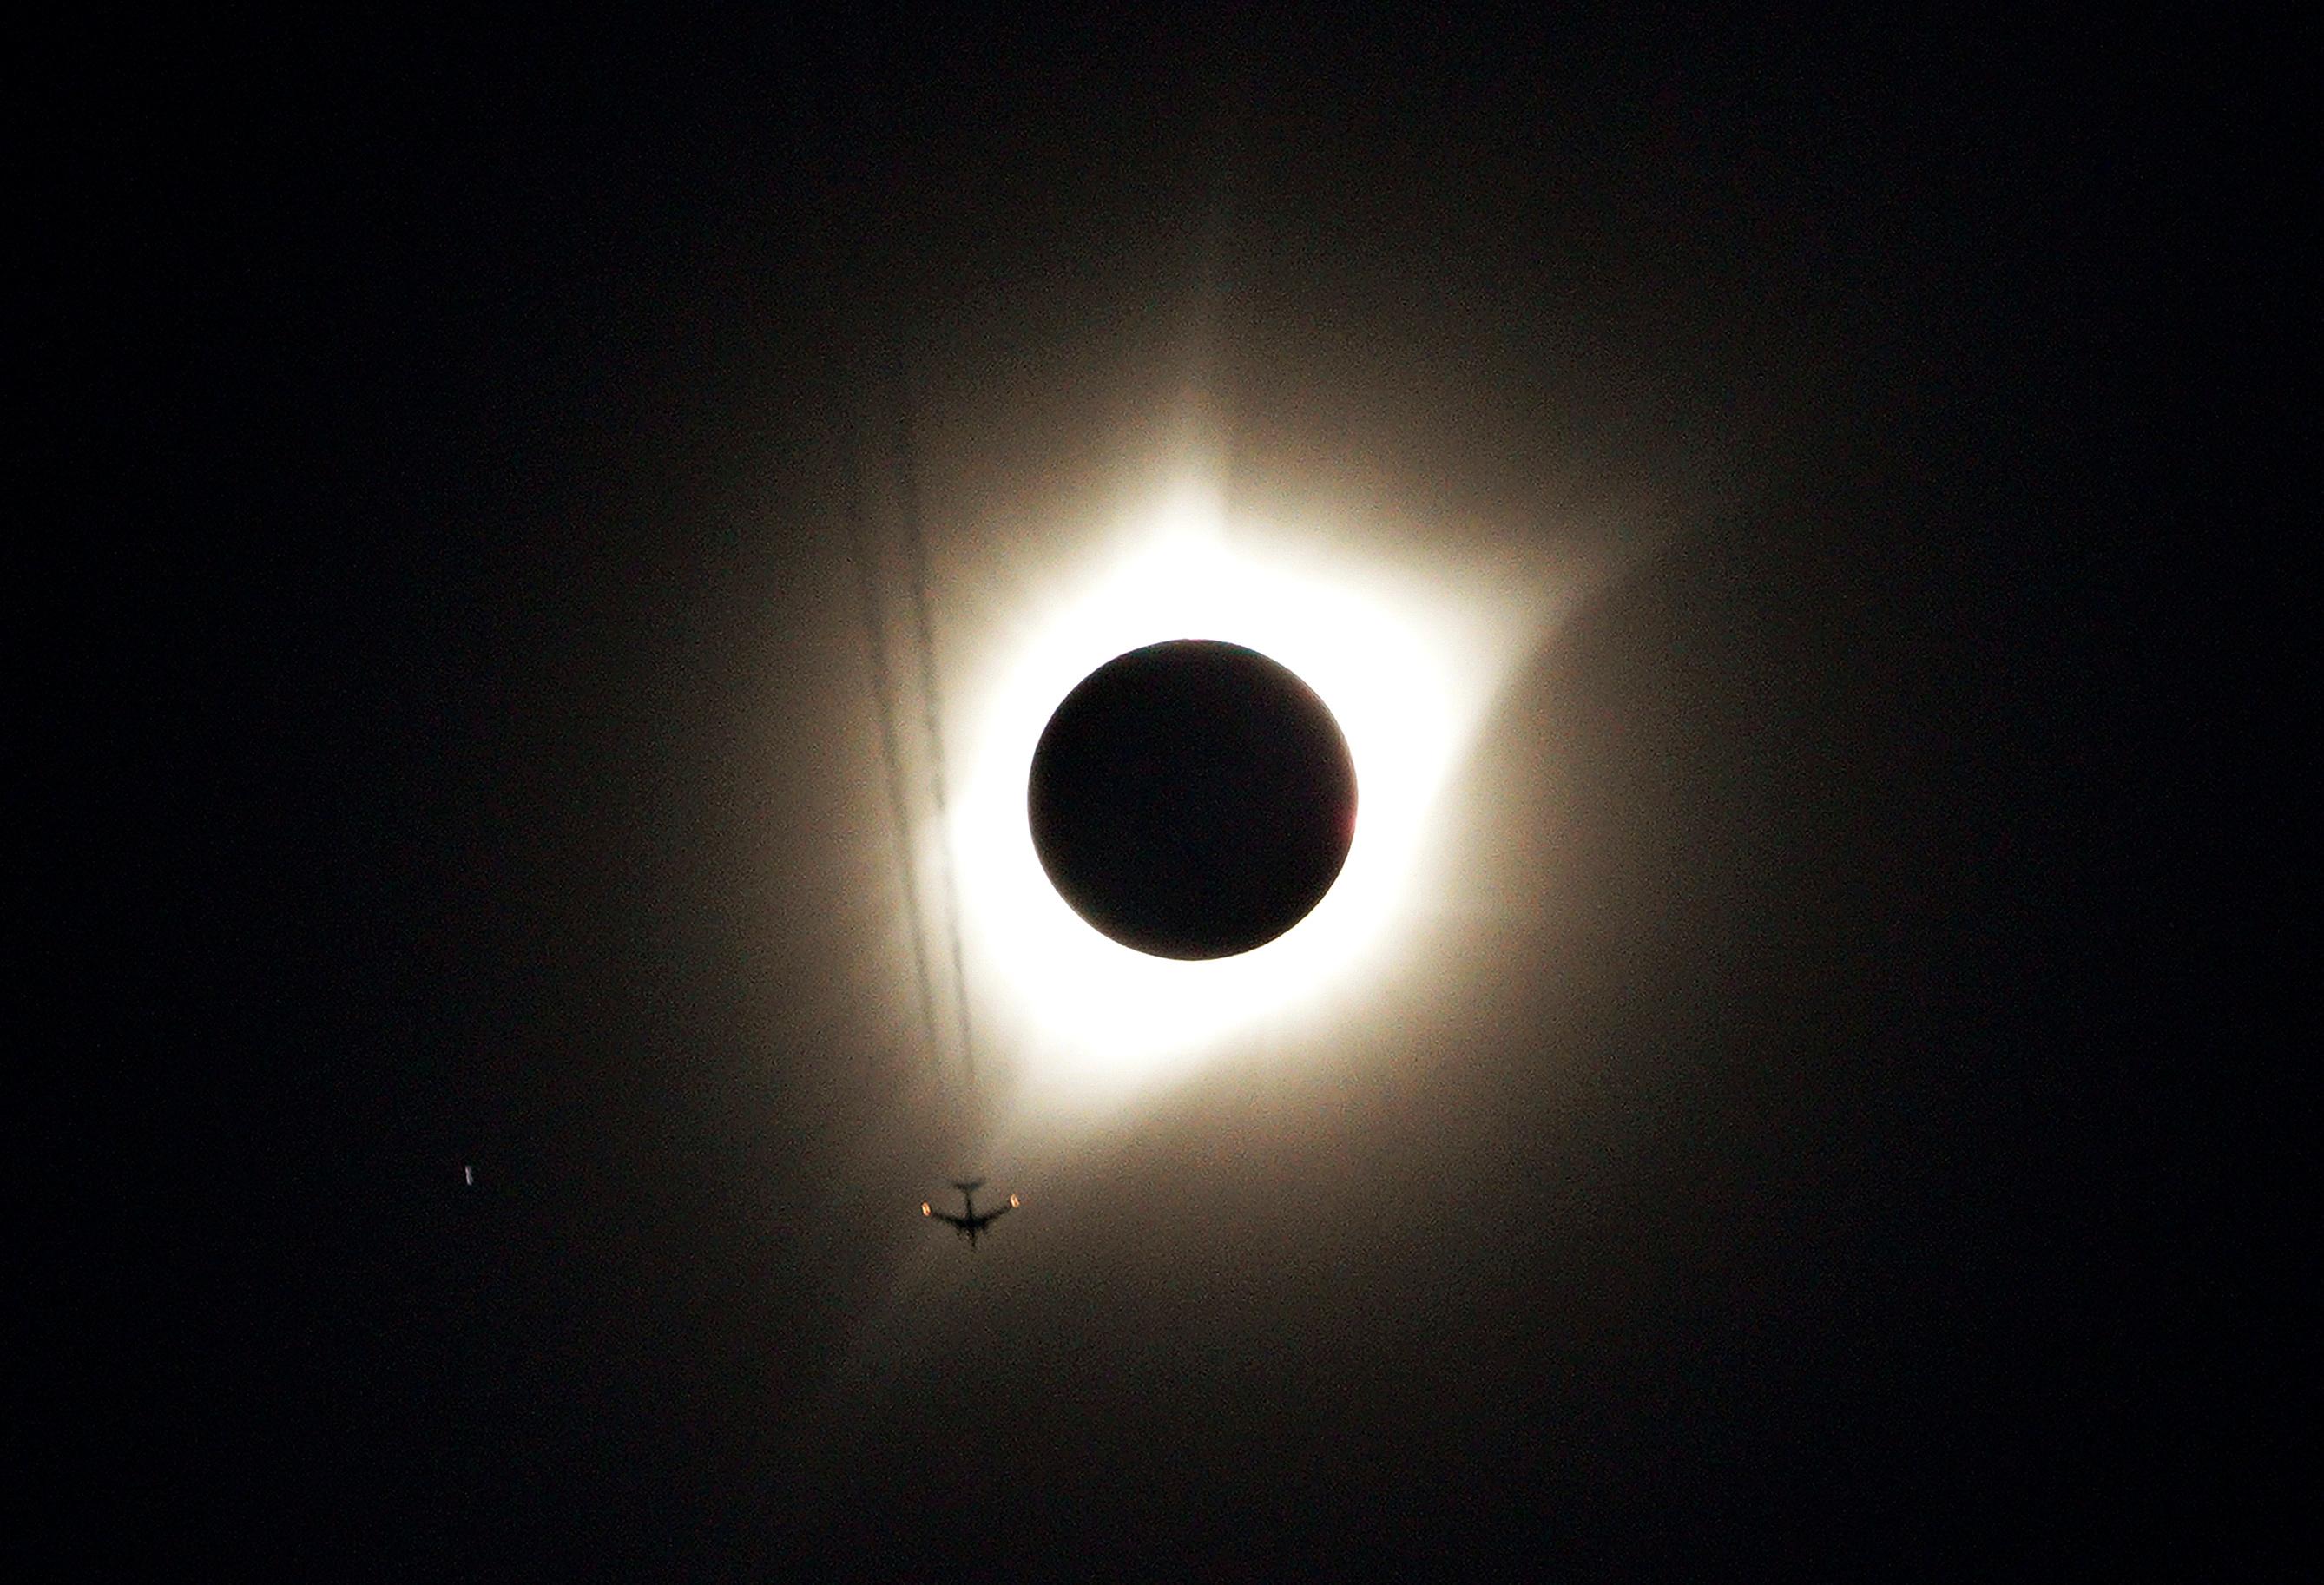 Foto del lunes de un avión volando en medio del eclipse total de sol en Guernsey, Wyoming. Ago 21, 2017. REUTERS/Rick Wilking